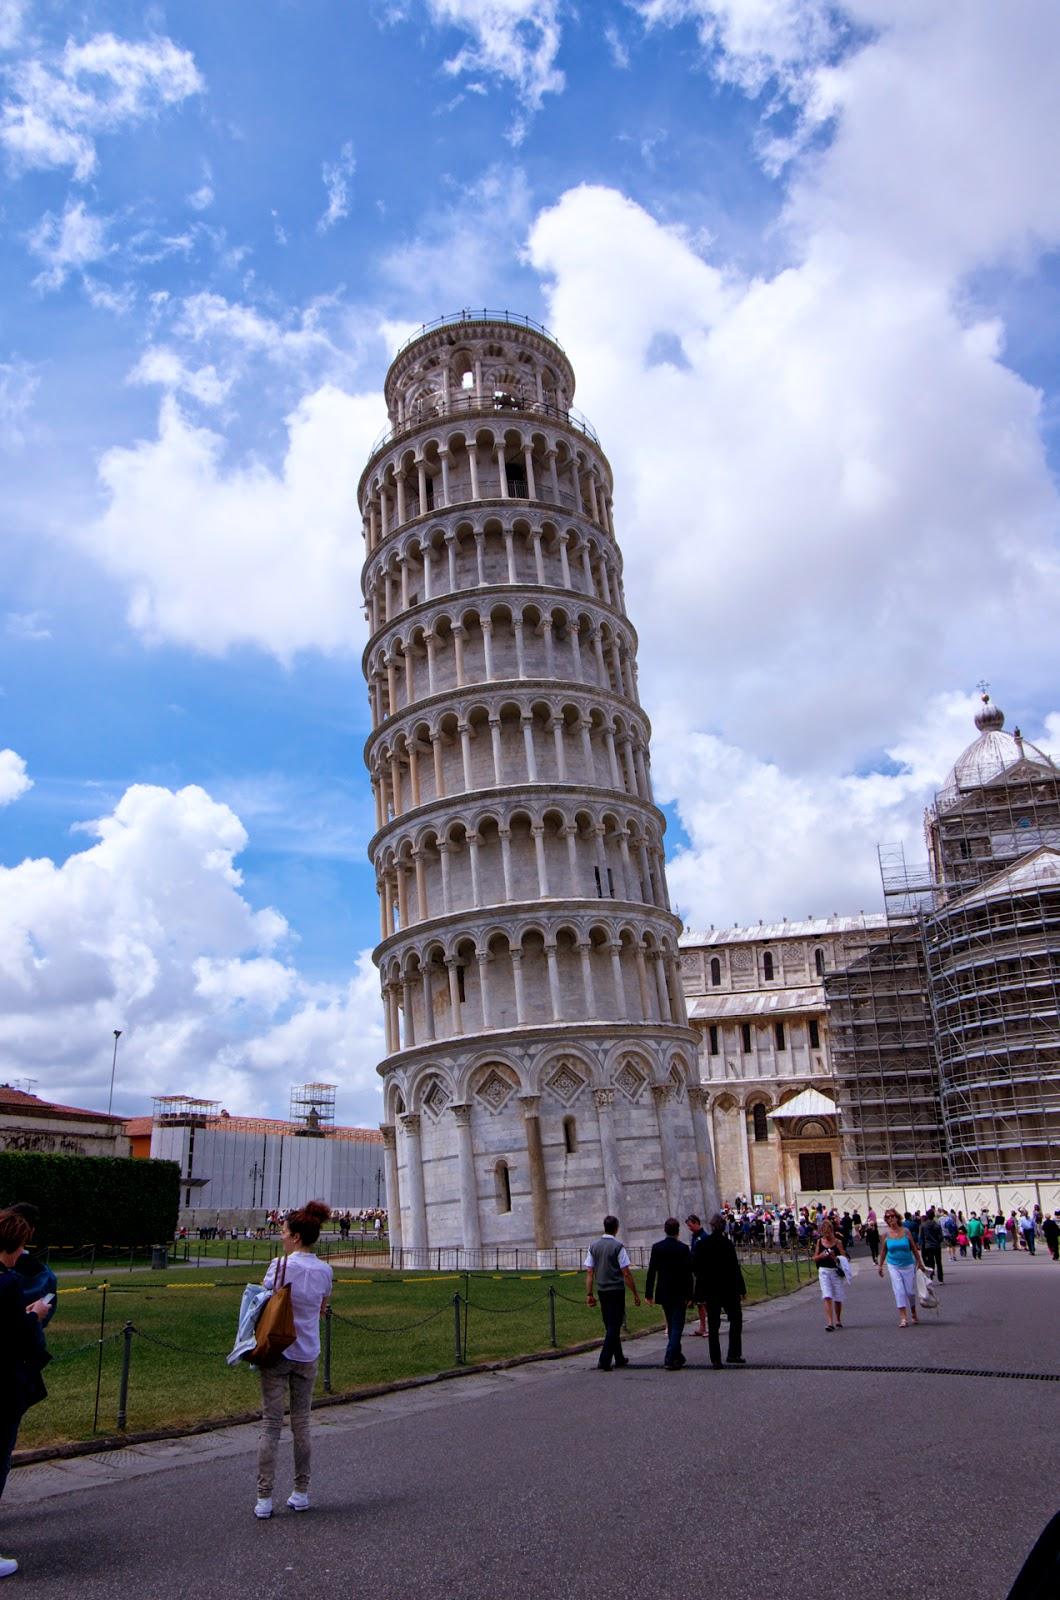 ピサの斜塔の画像 p1_18